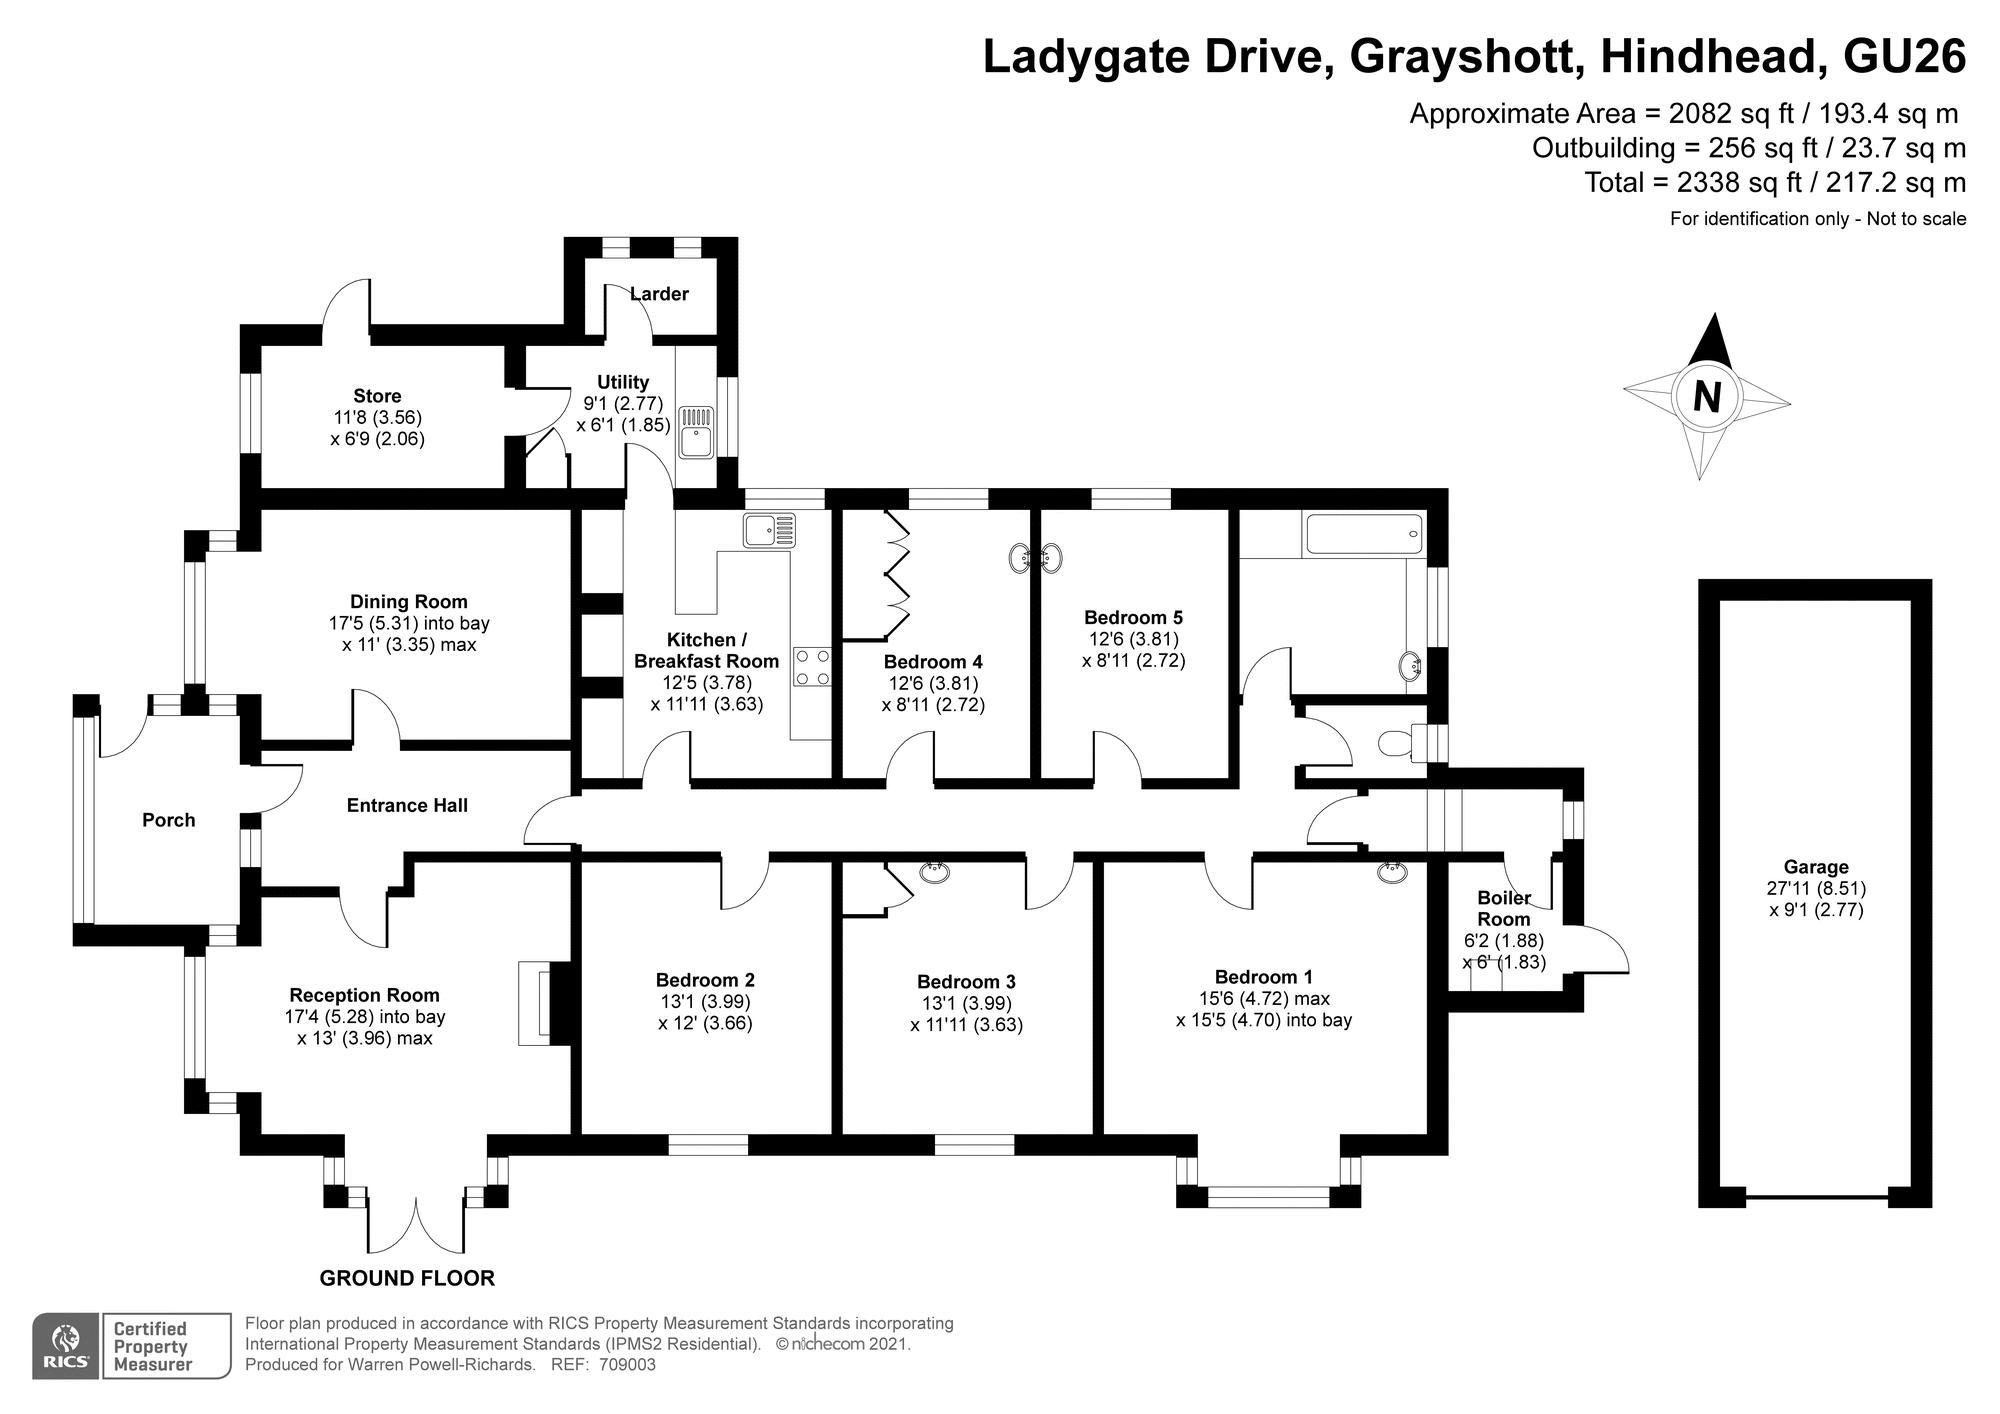 Ladygate Drive Grayshott